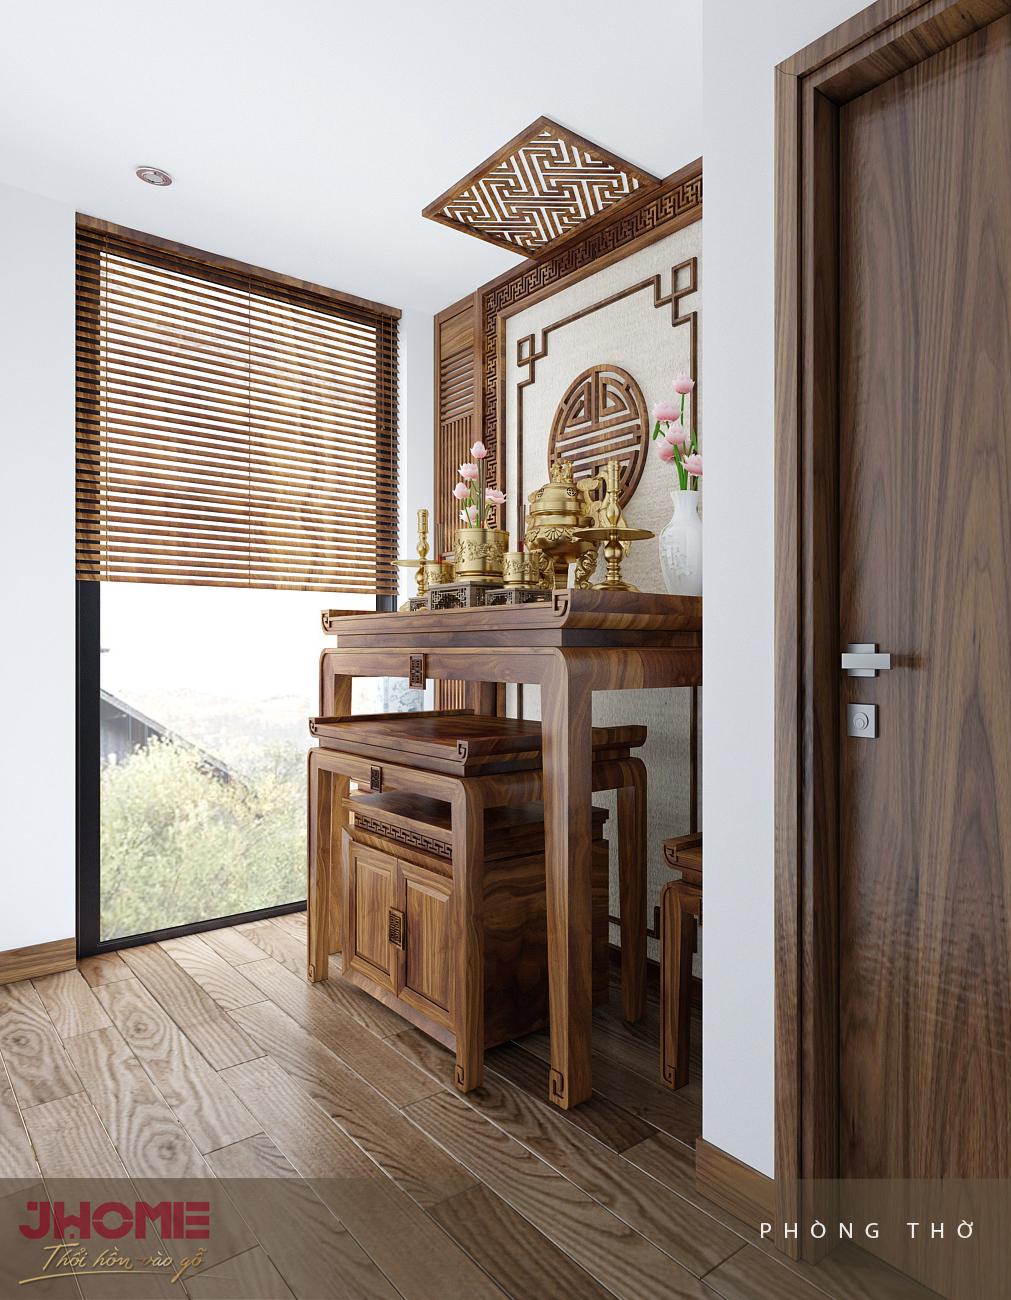 thiết kế tủ bếp gỗ hiện đại thiết kế tủ bếp gỗ công nghiệp thiết kế tủ bếp gỗ hình chữ l thiết kế tủ bếp gỗ gõ đỏ thiết kế tủ bếp bằng gỗ xem thiết kế tủ bếp gỗ cách thiết kế tủ bếp gỗ thiết kế tủ bếp rời thiết kế thi công tủ bếp gỗ công nghiệp cách thiết kế tủ bếp hướng dẫn thiết kế tủ bếp thiết kế tủ bếp thiết kế tủ bếp gỗ tự nhiên tủ bếp gỗ đóng sẵn thiết kế tủ bếp đơn giản thiết kế mẫu tủ bếp thiết kế tủ bếp dài 4m thiết kế tủ bếp hợp lý thiết kế tủ bếp chữ l thiết kế tủ rượu phòng bếp thiết kế quầy bar tủ bếp thiết kế tủ rượu bếp thiết kế tủ bếp có quầy bar